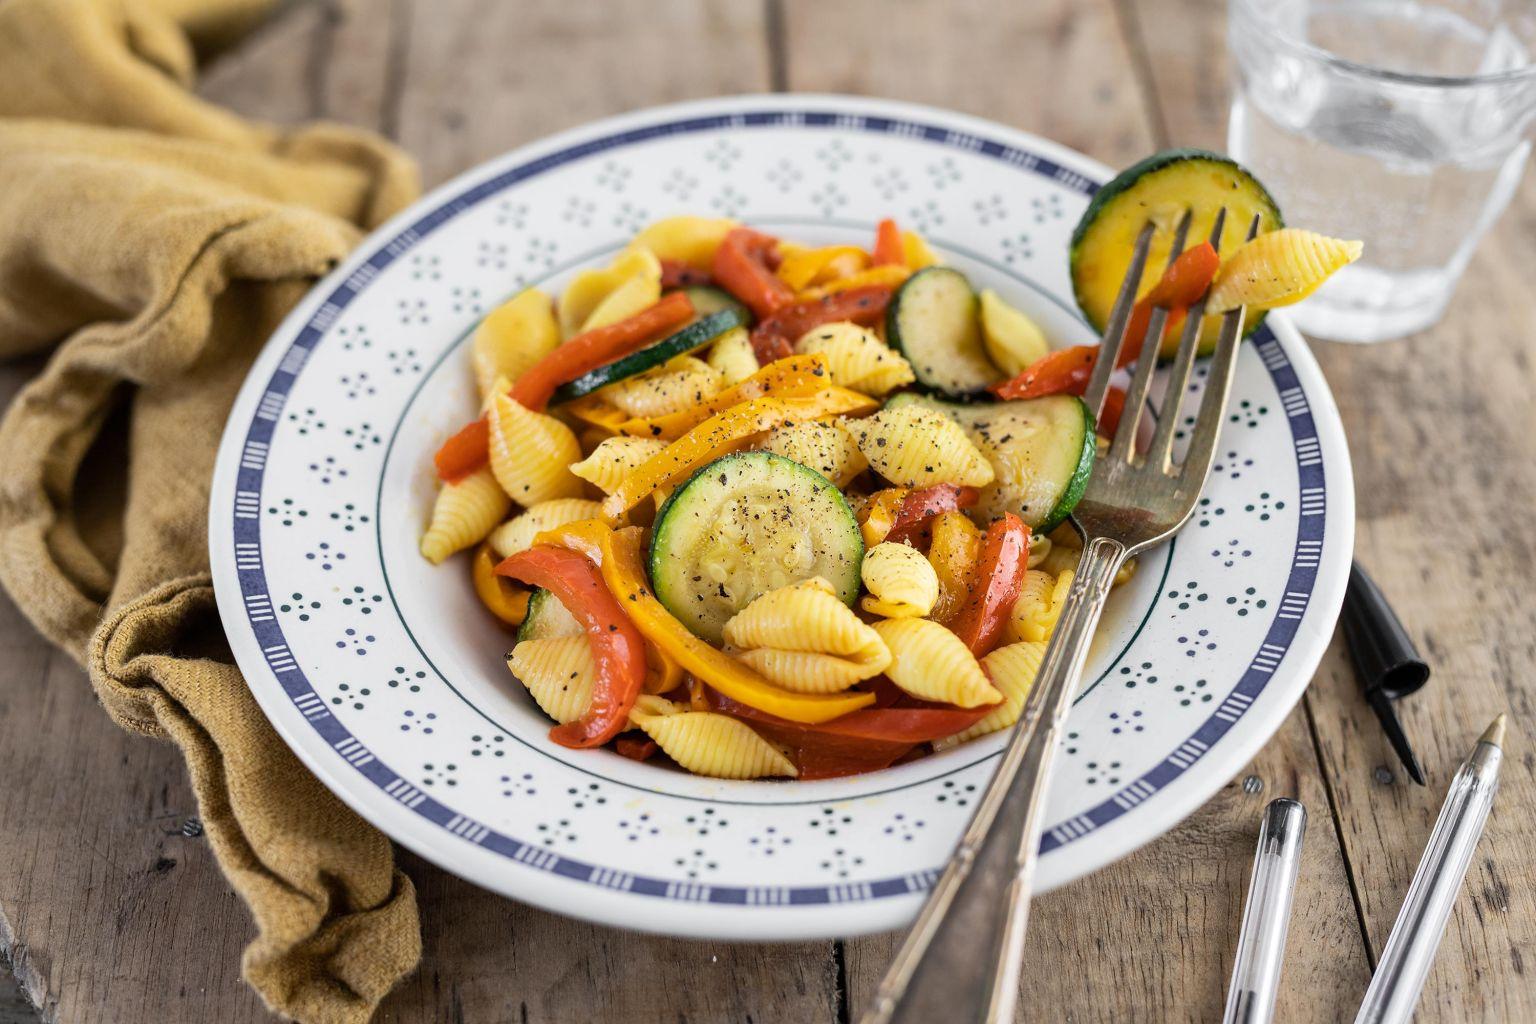 Conchiglie aux légumes grillés